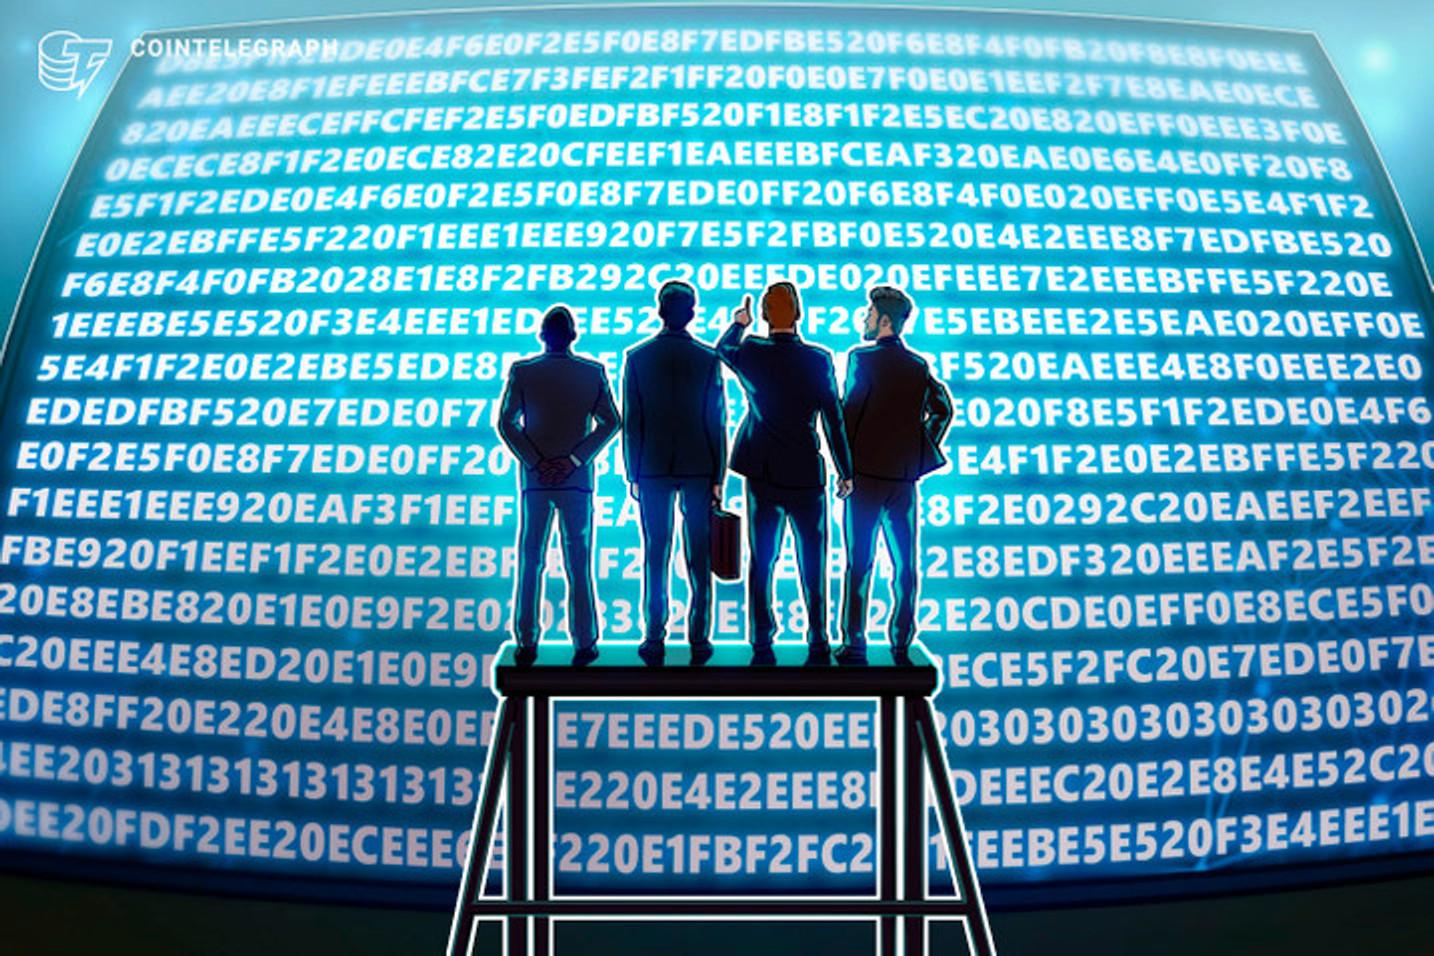 Economia Digital: Banco Central cadastra 3,5 milhões chaves no primeiro dia do PIX